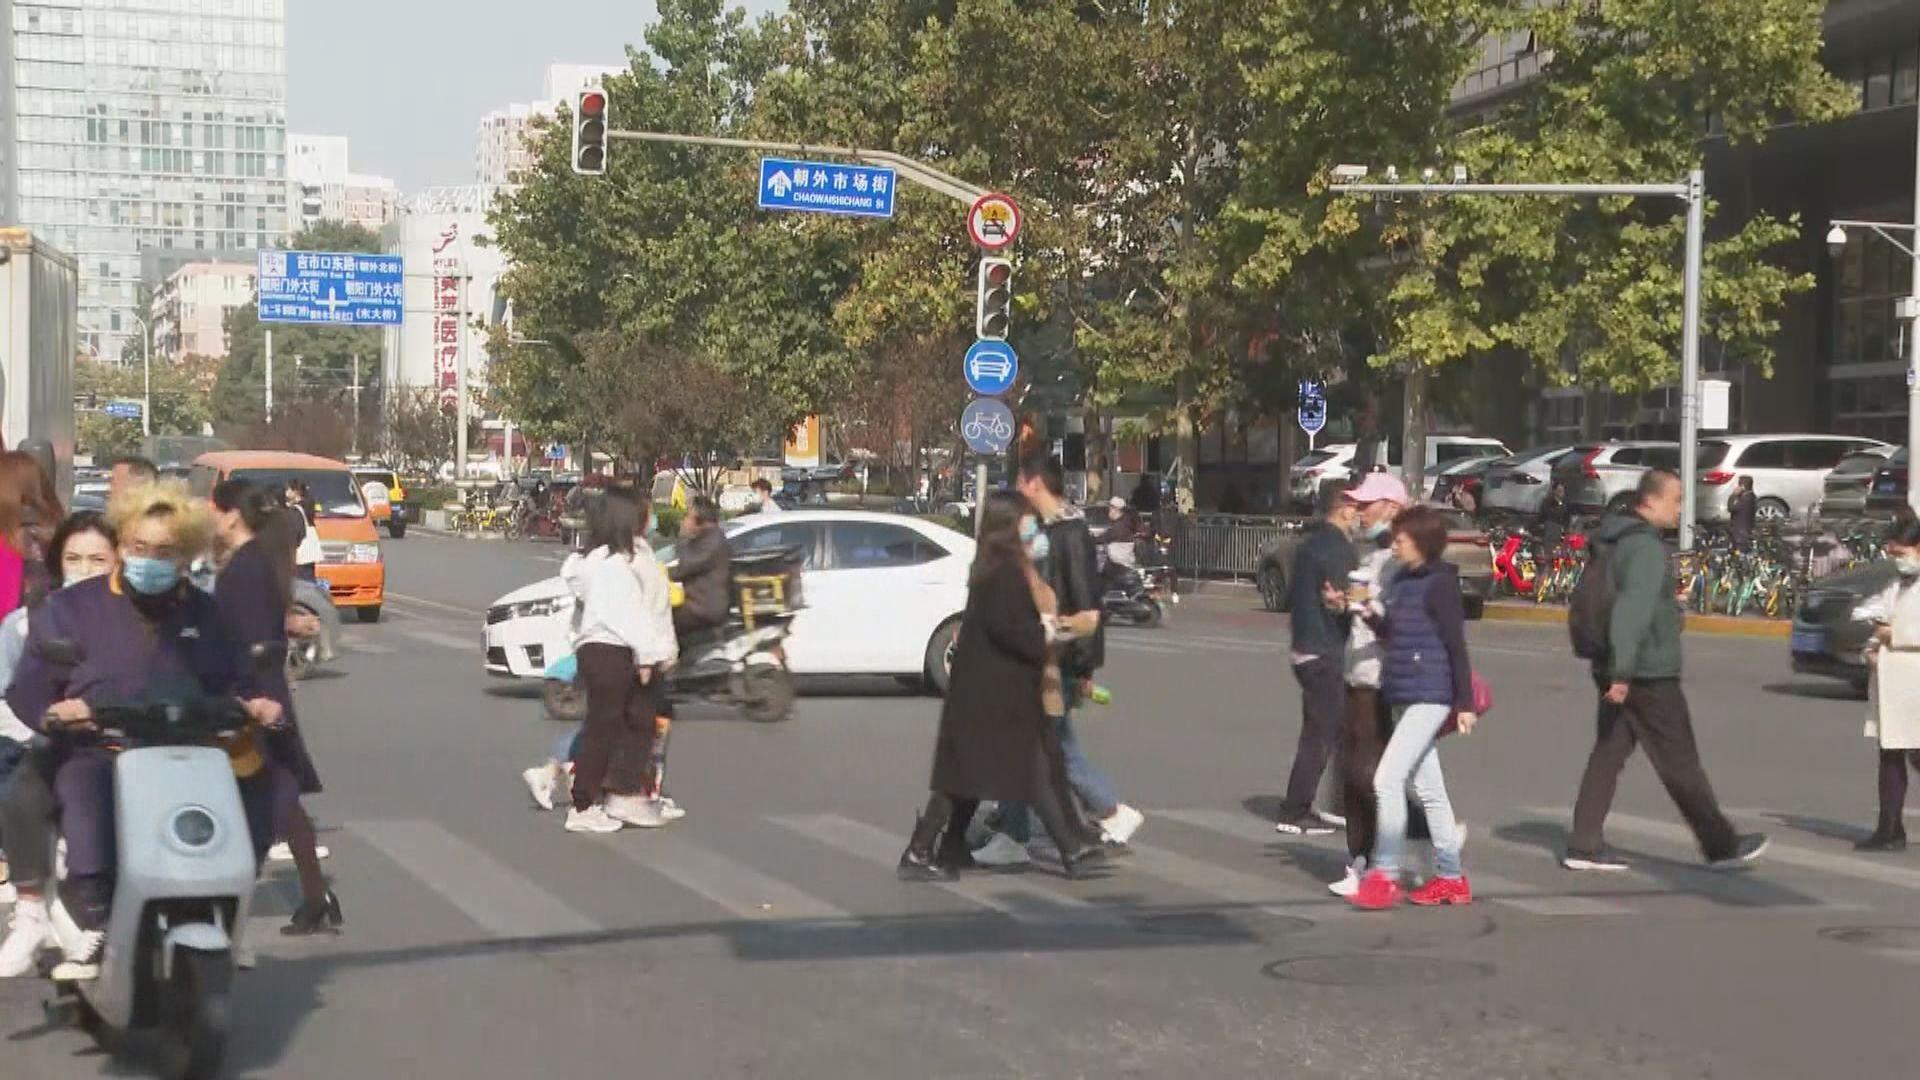 北京呼籲民眾留京過年 政府幹部離京要審批